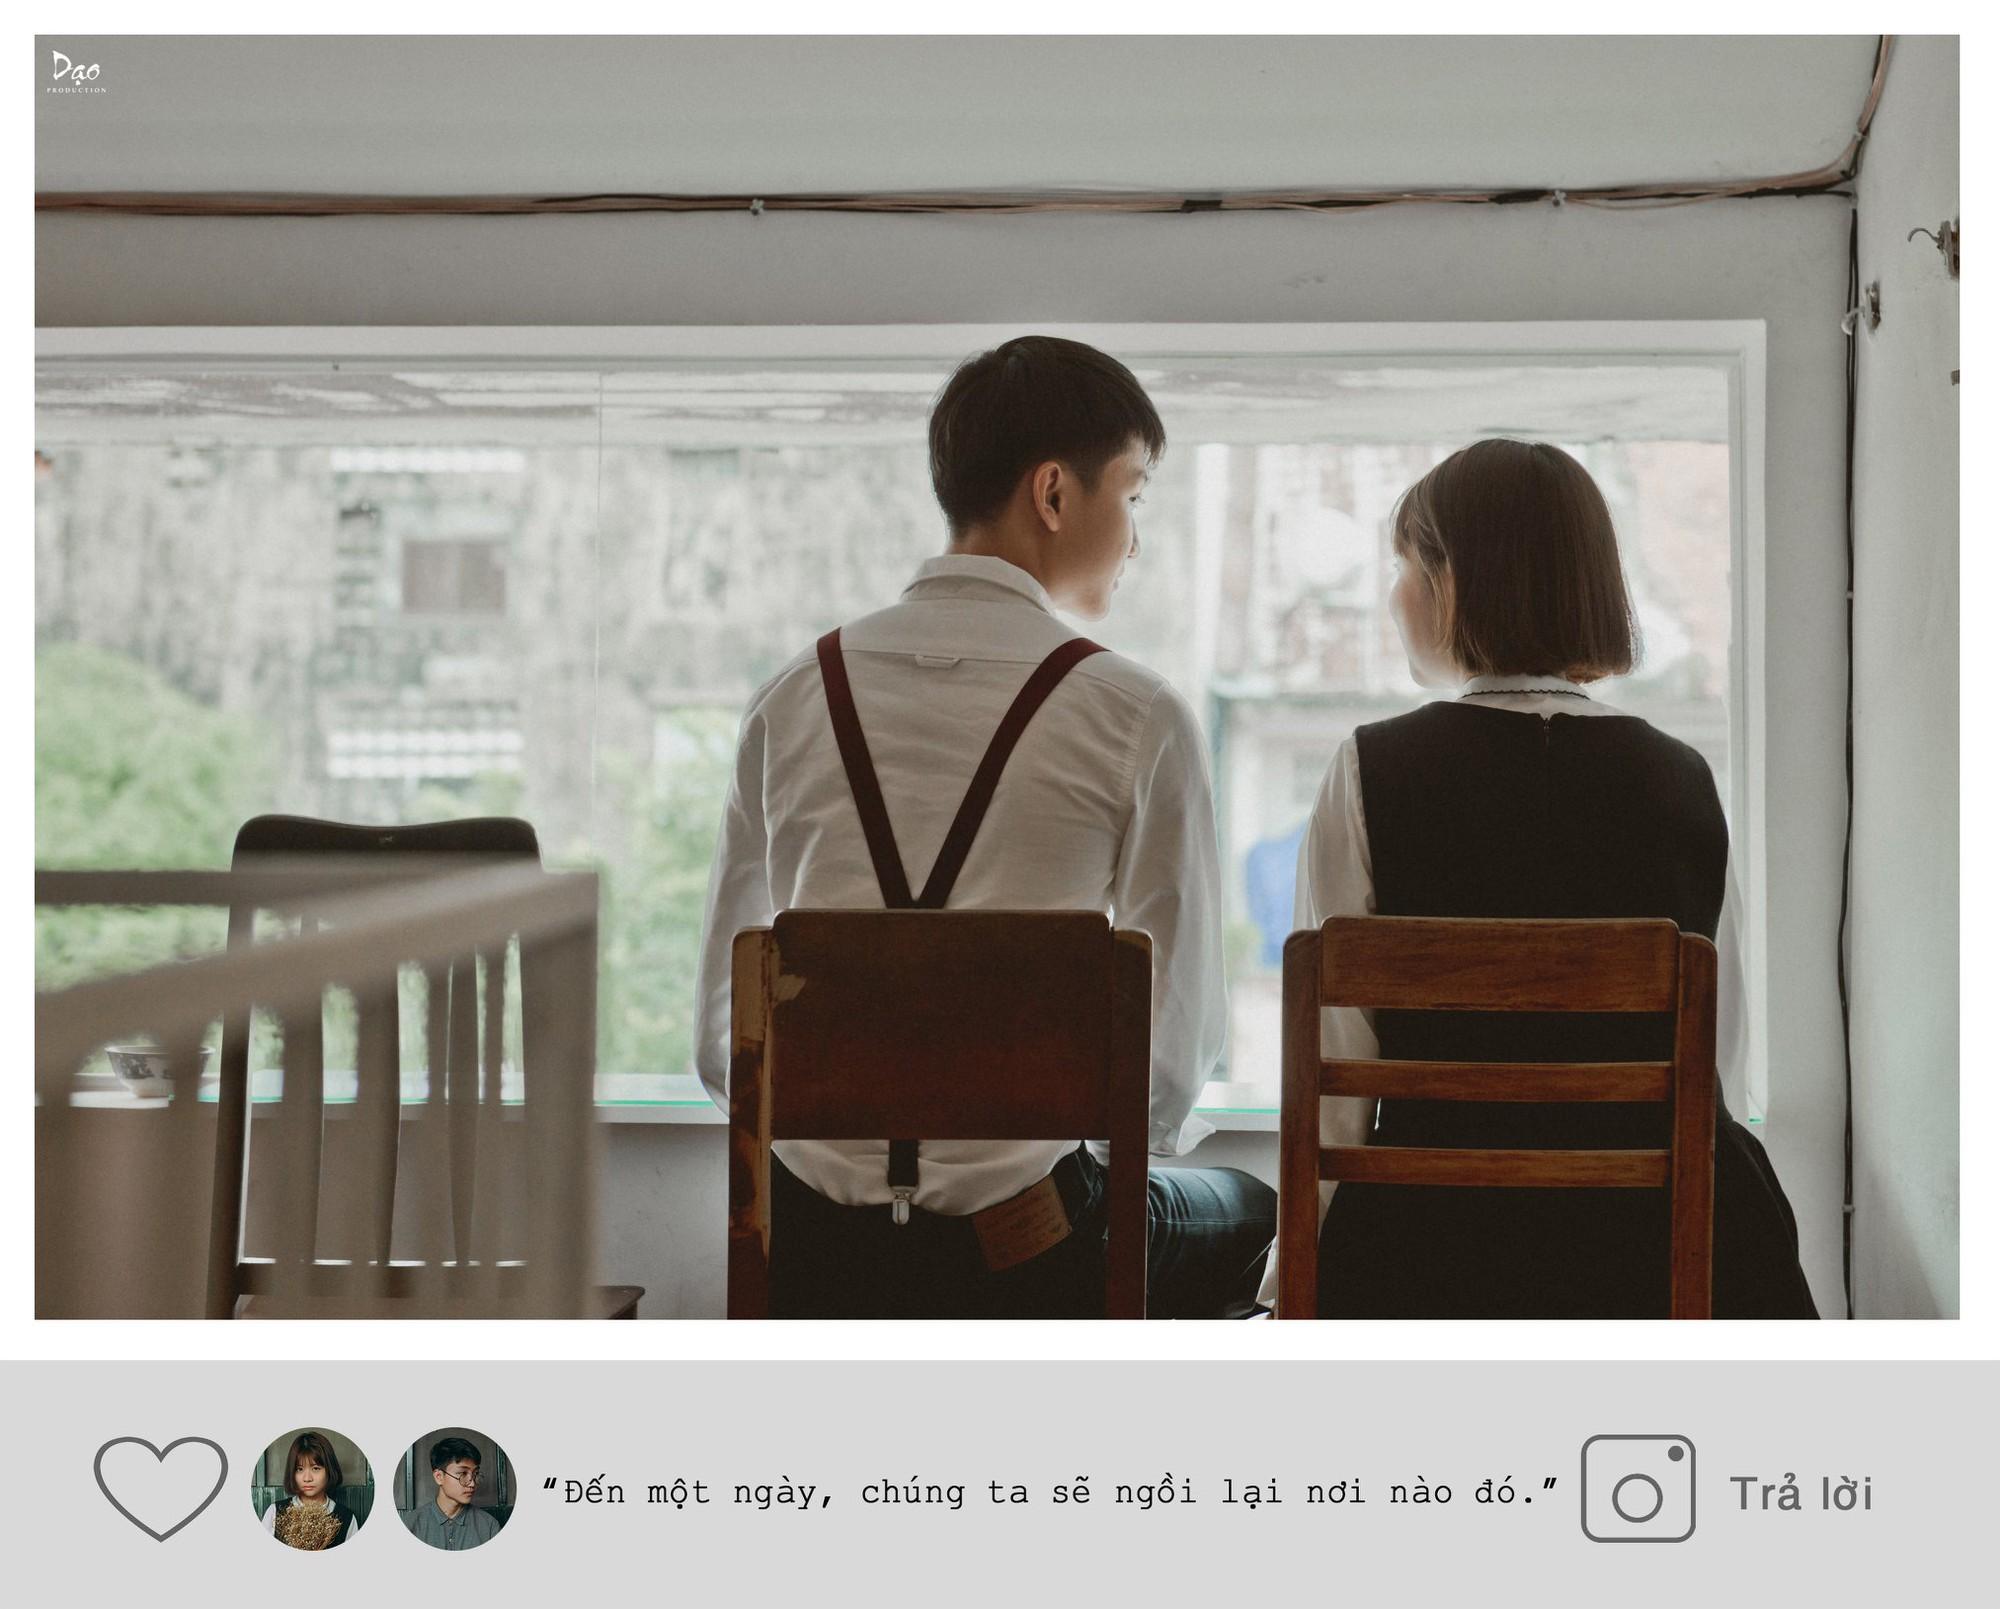 Và chúng mình sẽ là tuổi trẻ của nhau như vậy nhé! (Nguồn: Kenh14.vn)